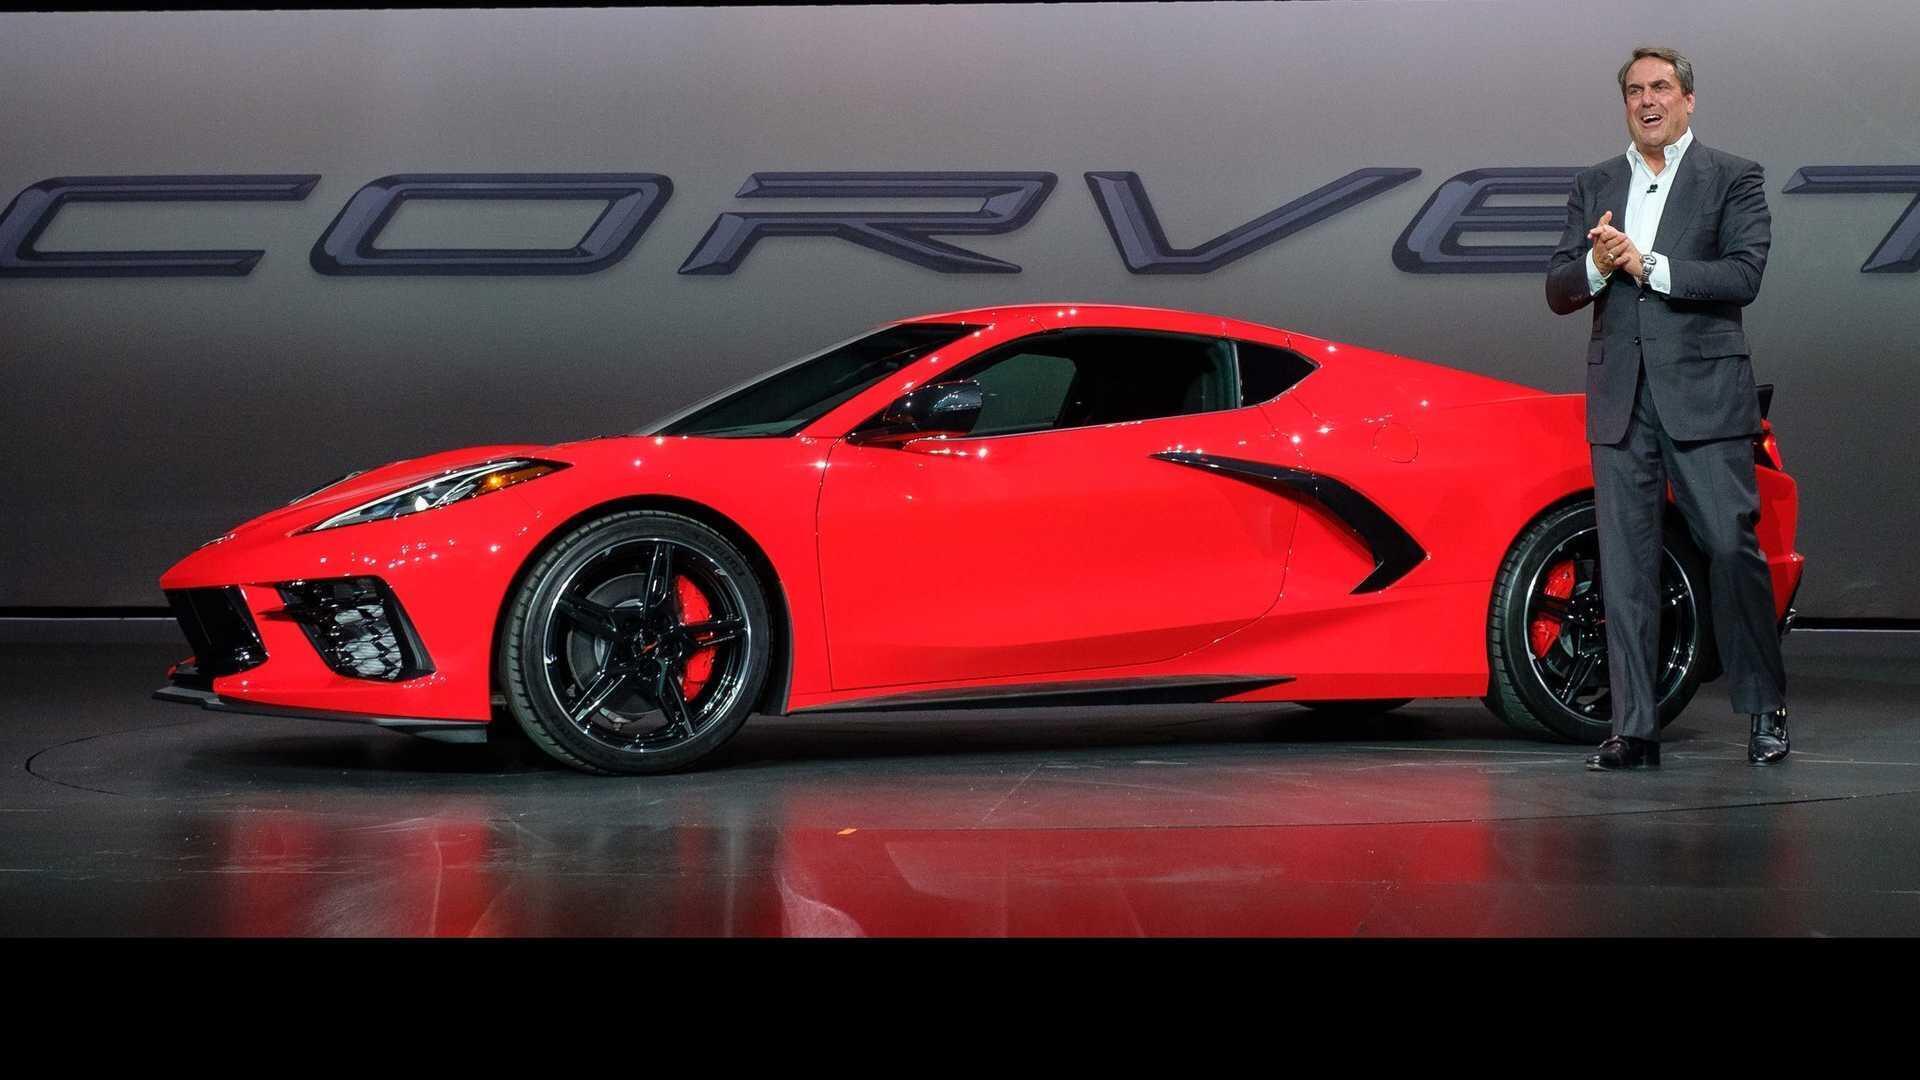 https://cdn.dailyxe.com.vn/image/chevrolet-corvette-2020-co-mot-so-tinh-nang-an-tuyet-voi-13-94522j2.jpg